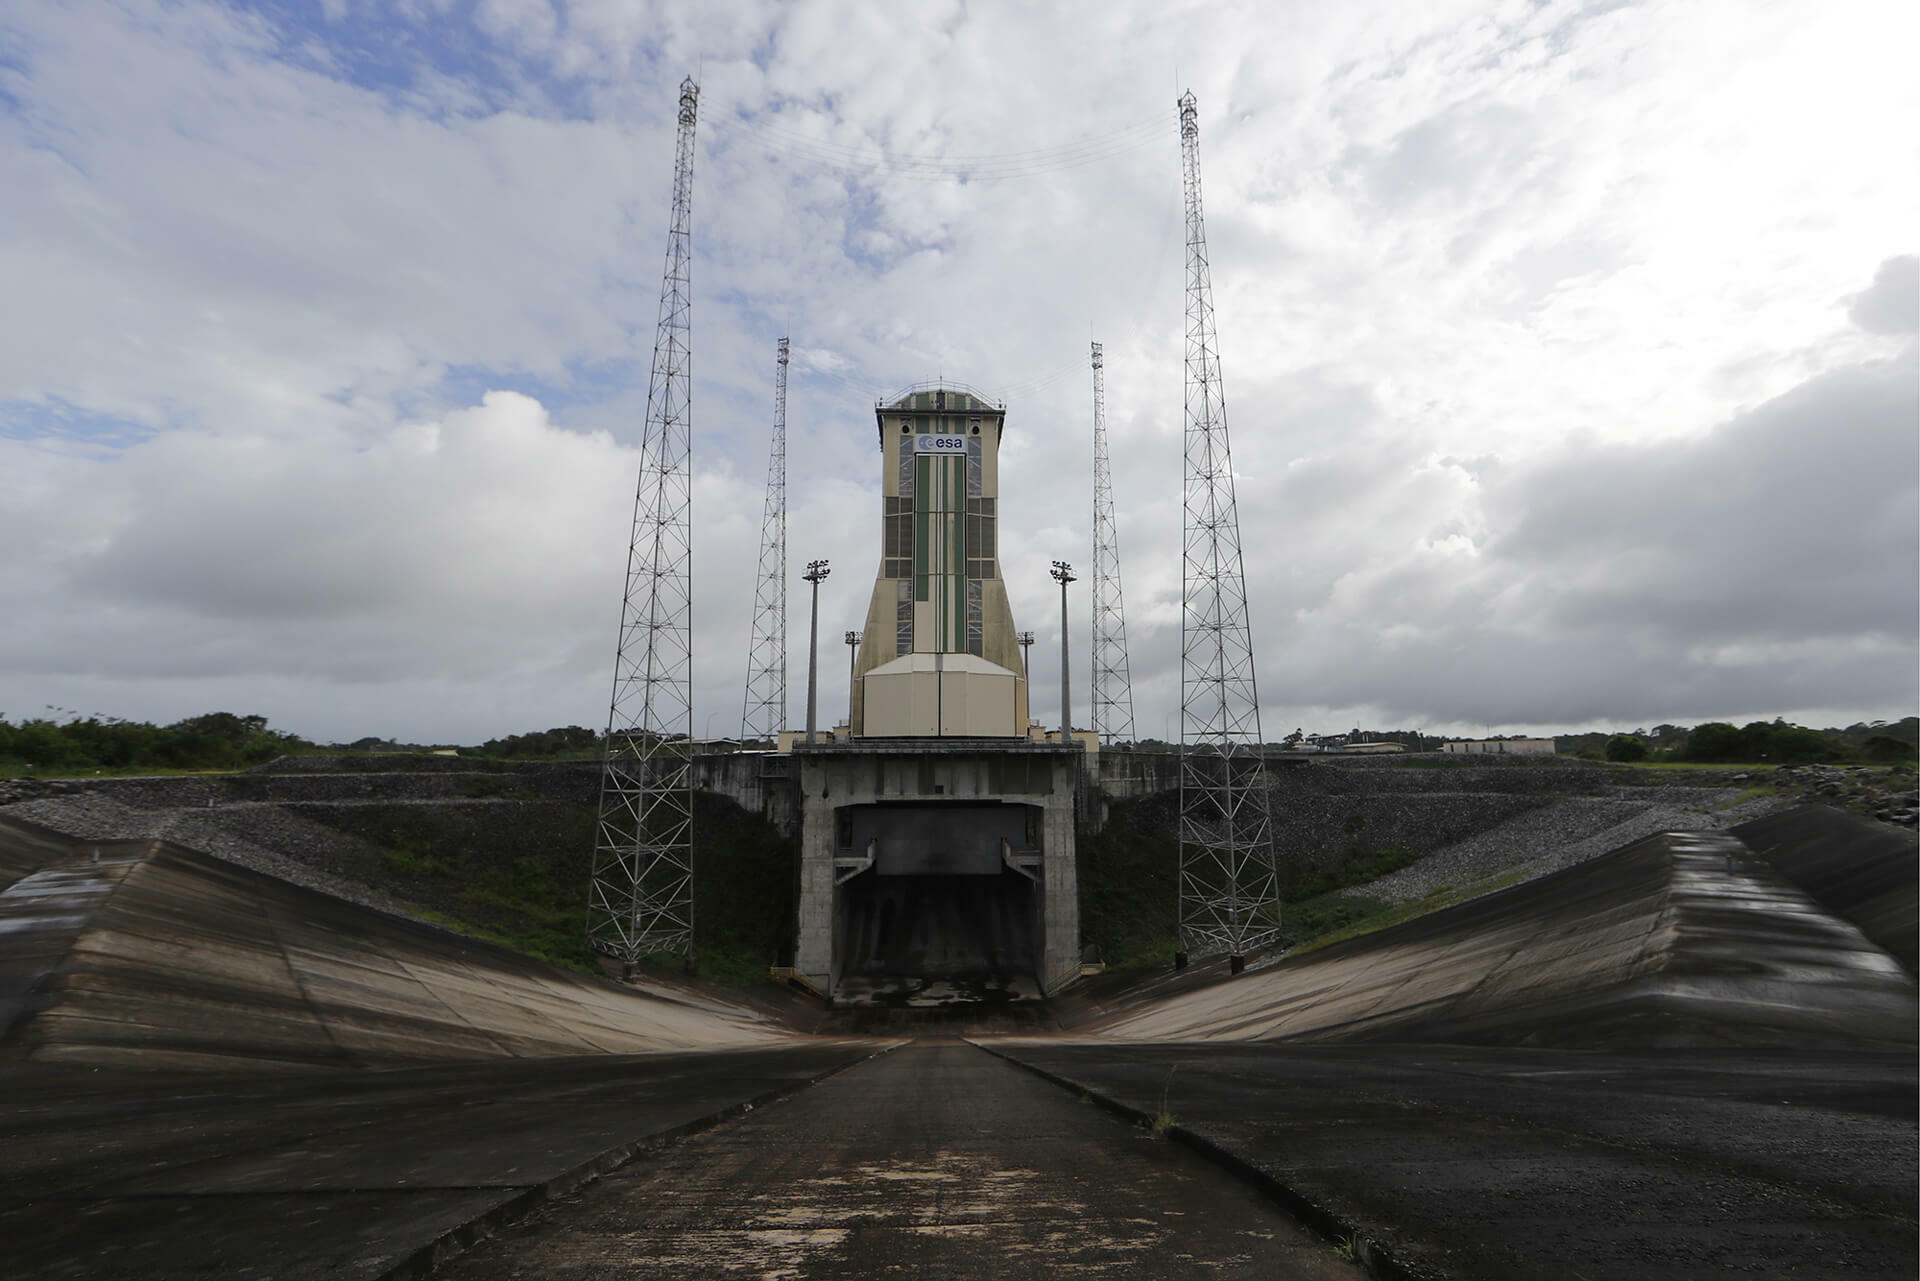 Blick auf die mobile Garage für die Ariane 6 an der Startrampe.